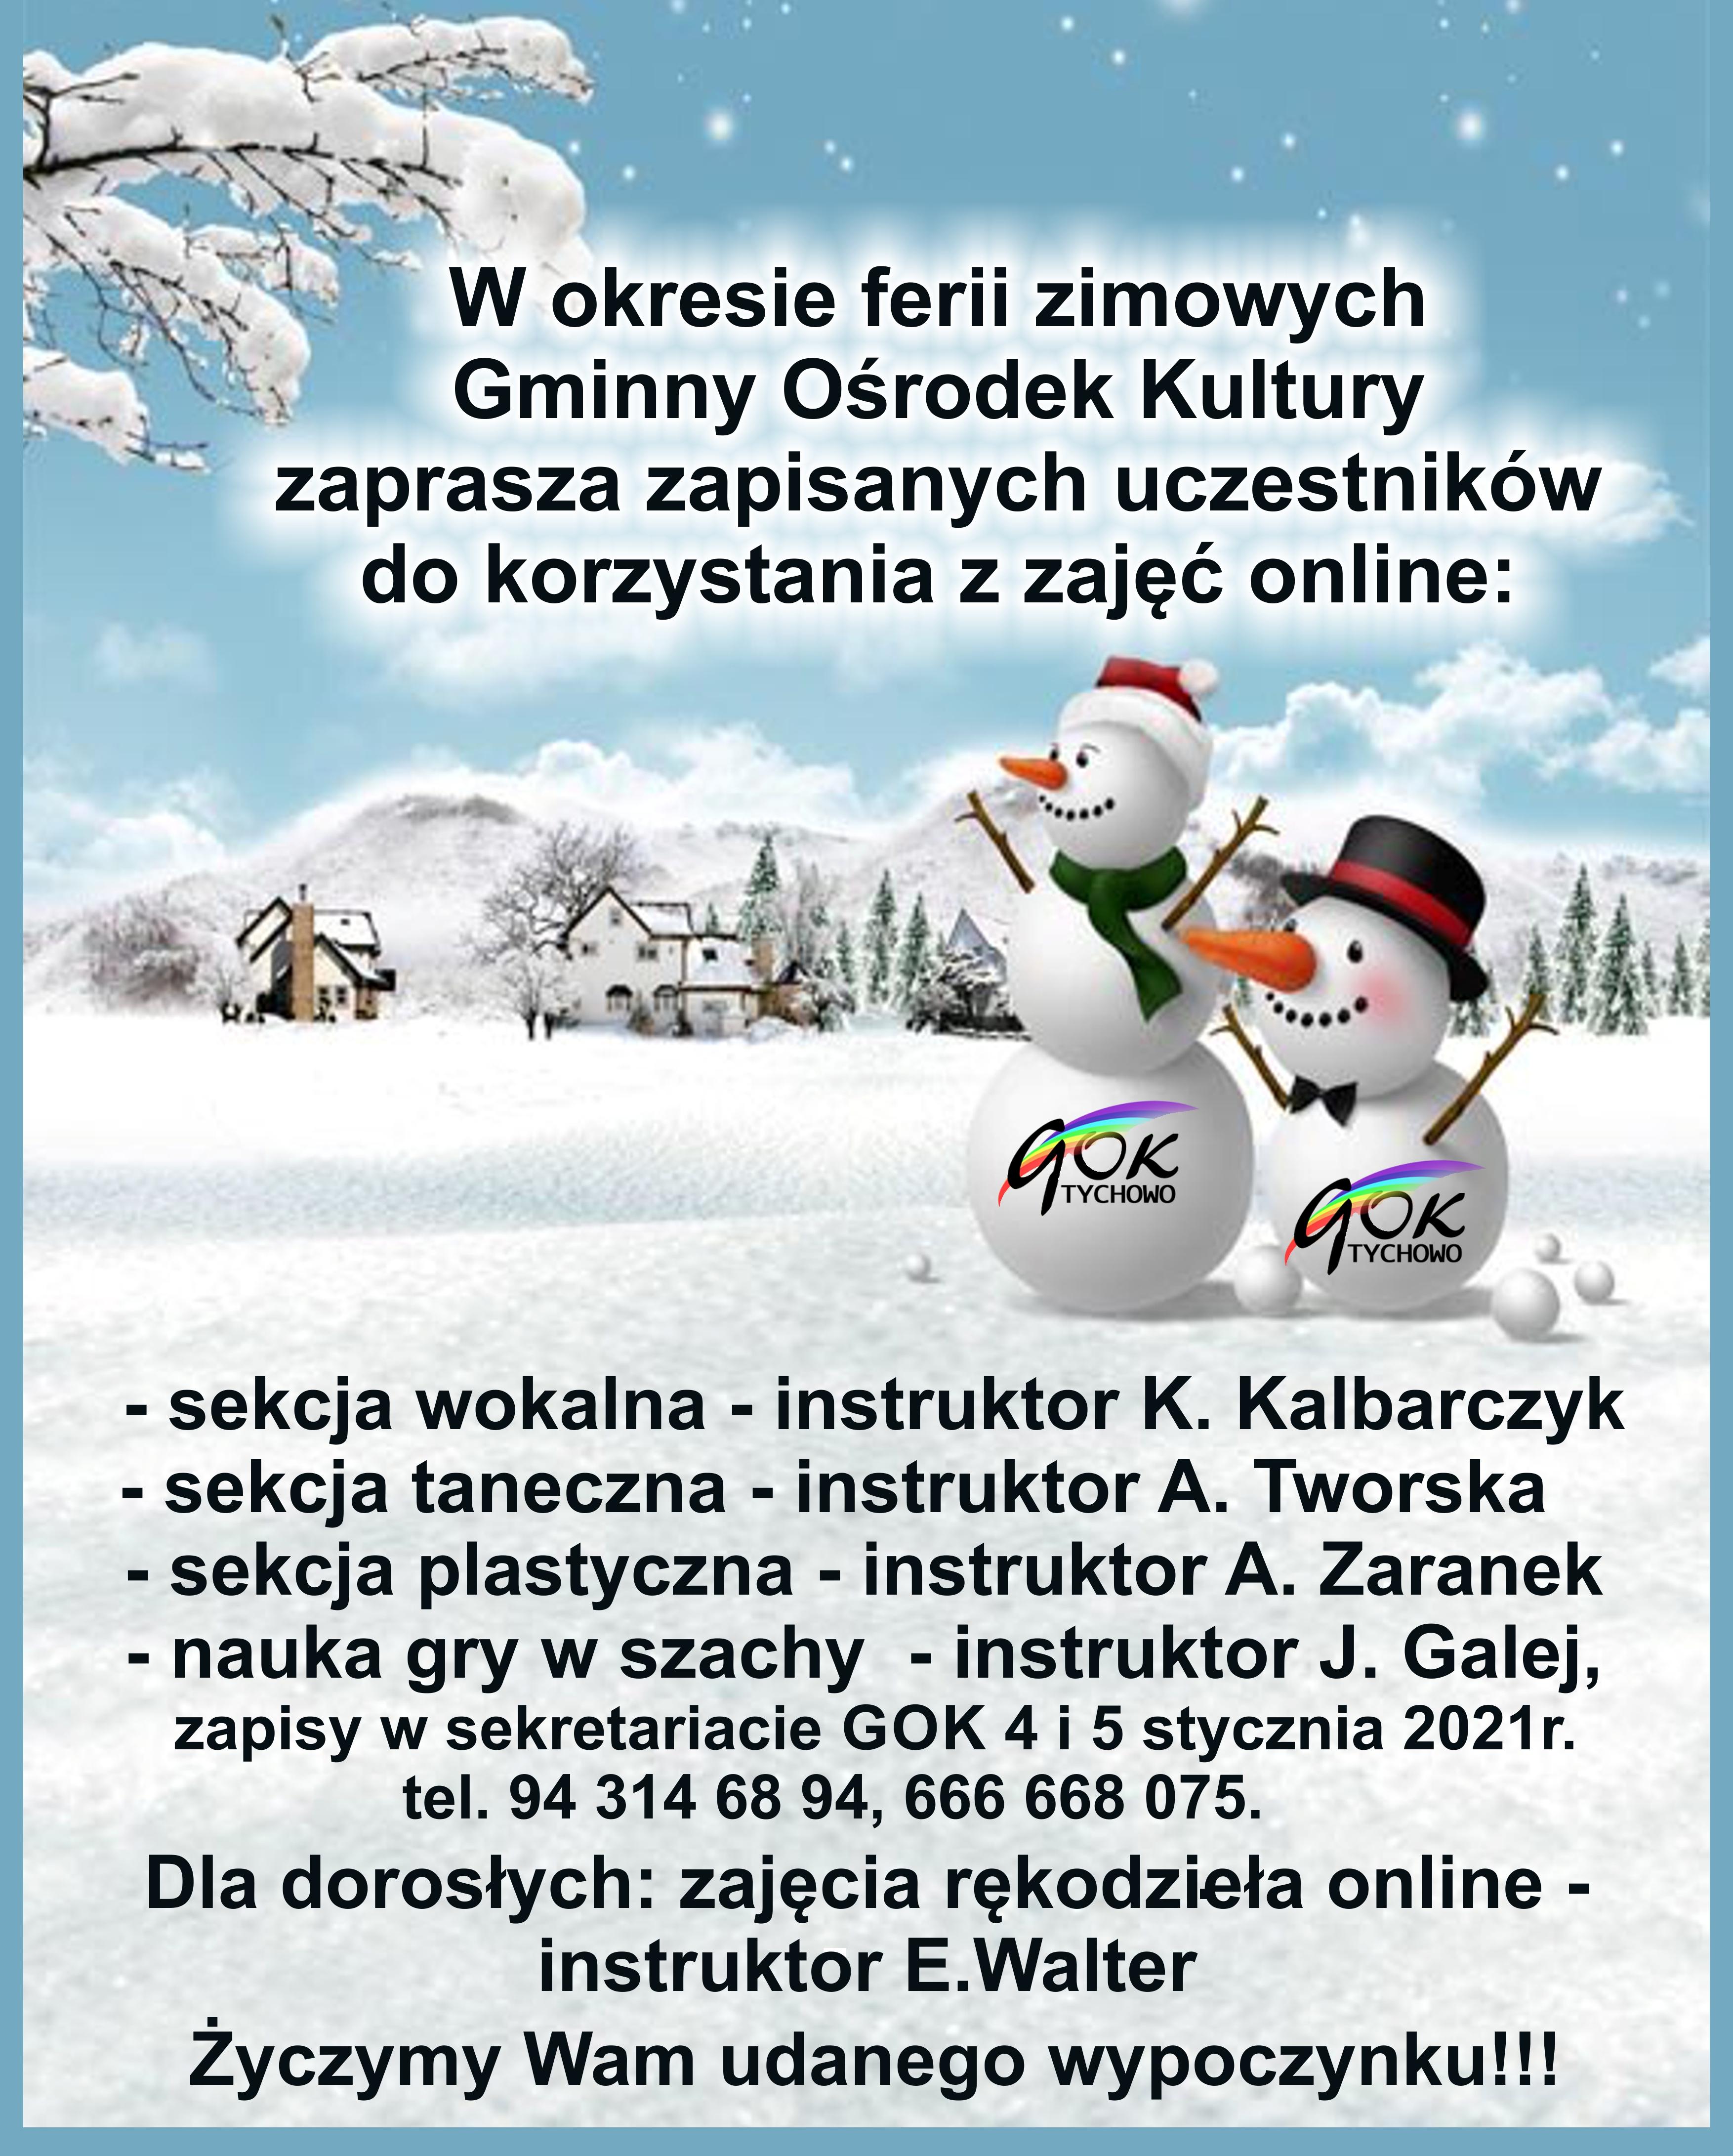 Plakat zapraszający do korzystania z zajęć online w okresie ferii zimowych.